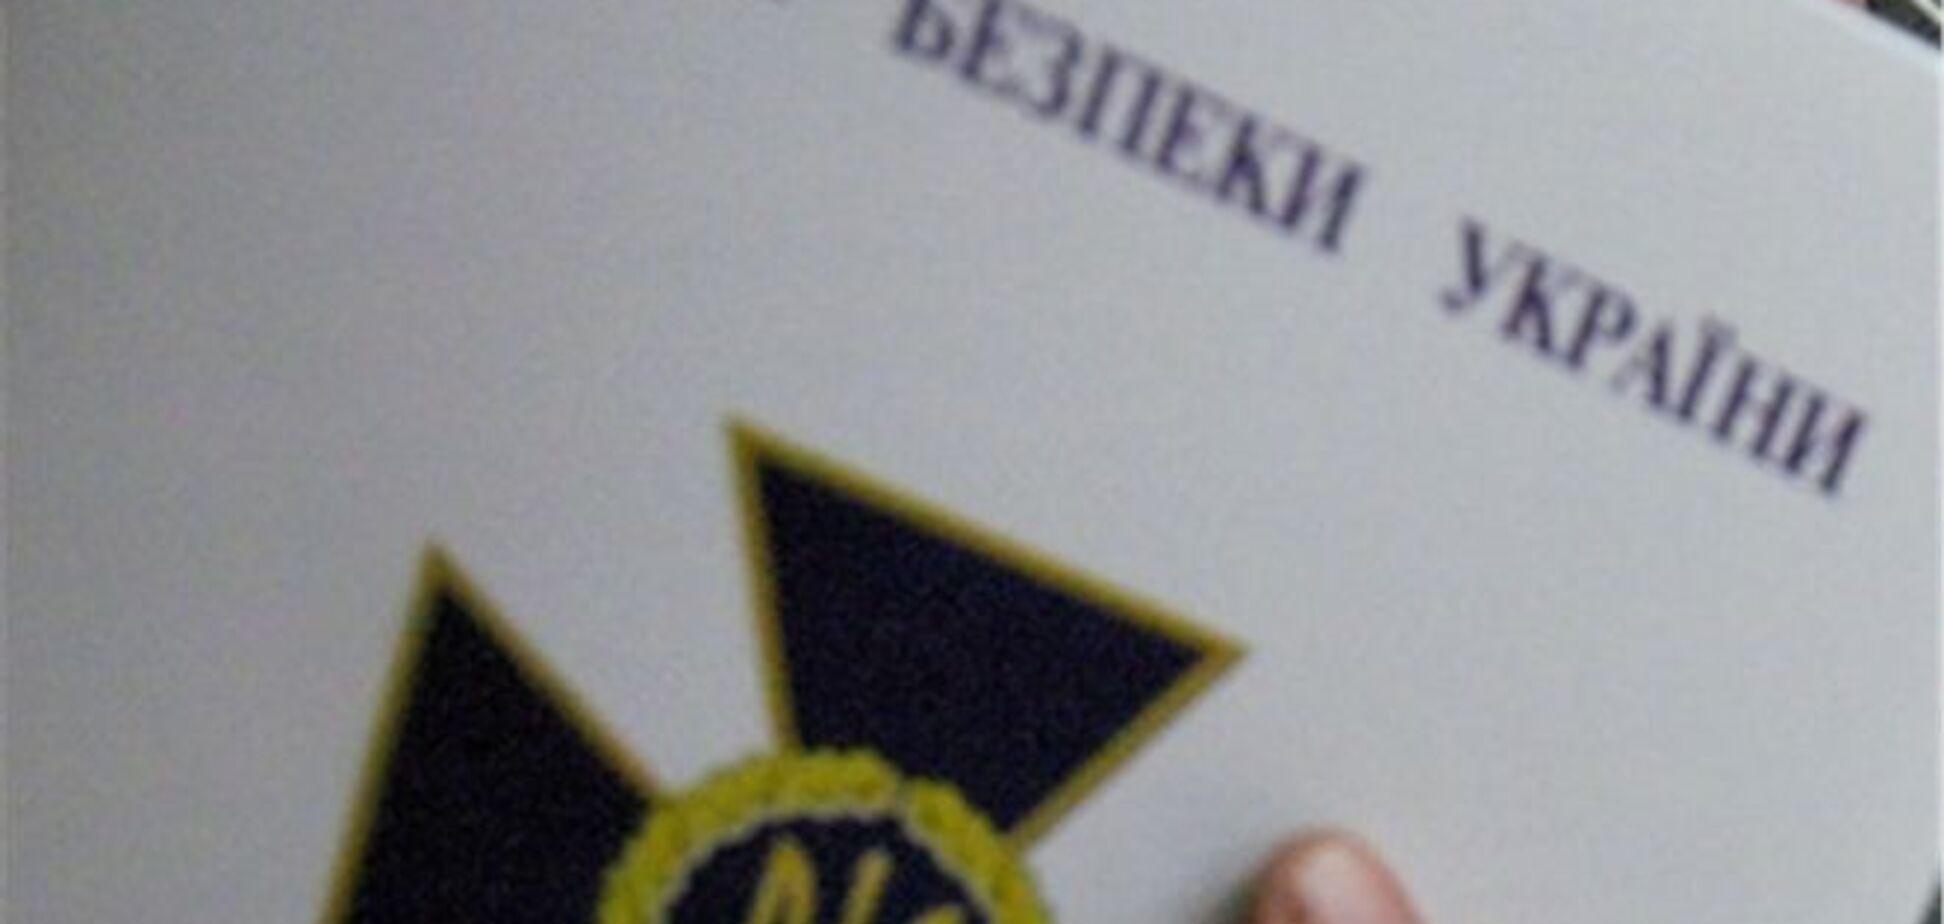 Міліція затримала співробітника СБУ, який вистрілив у азербайджанця